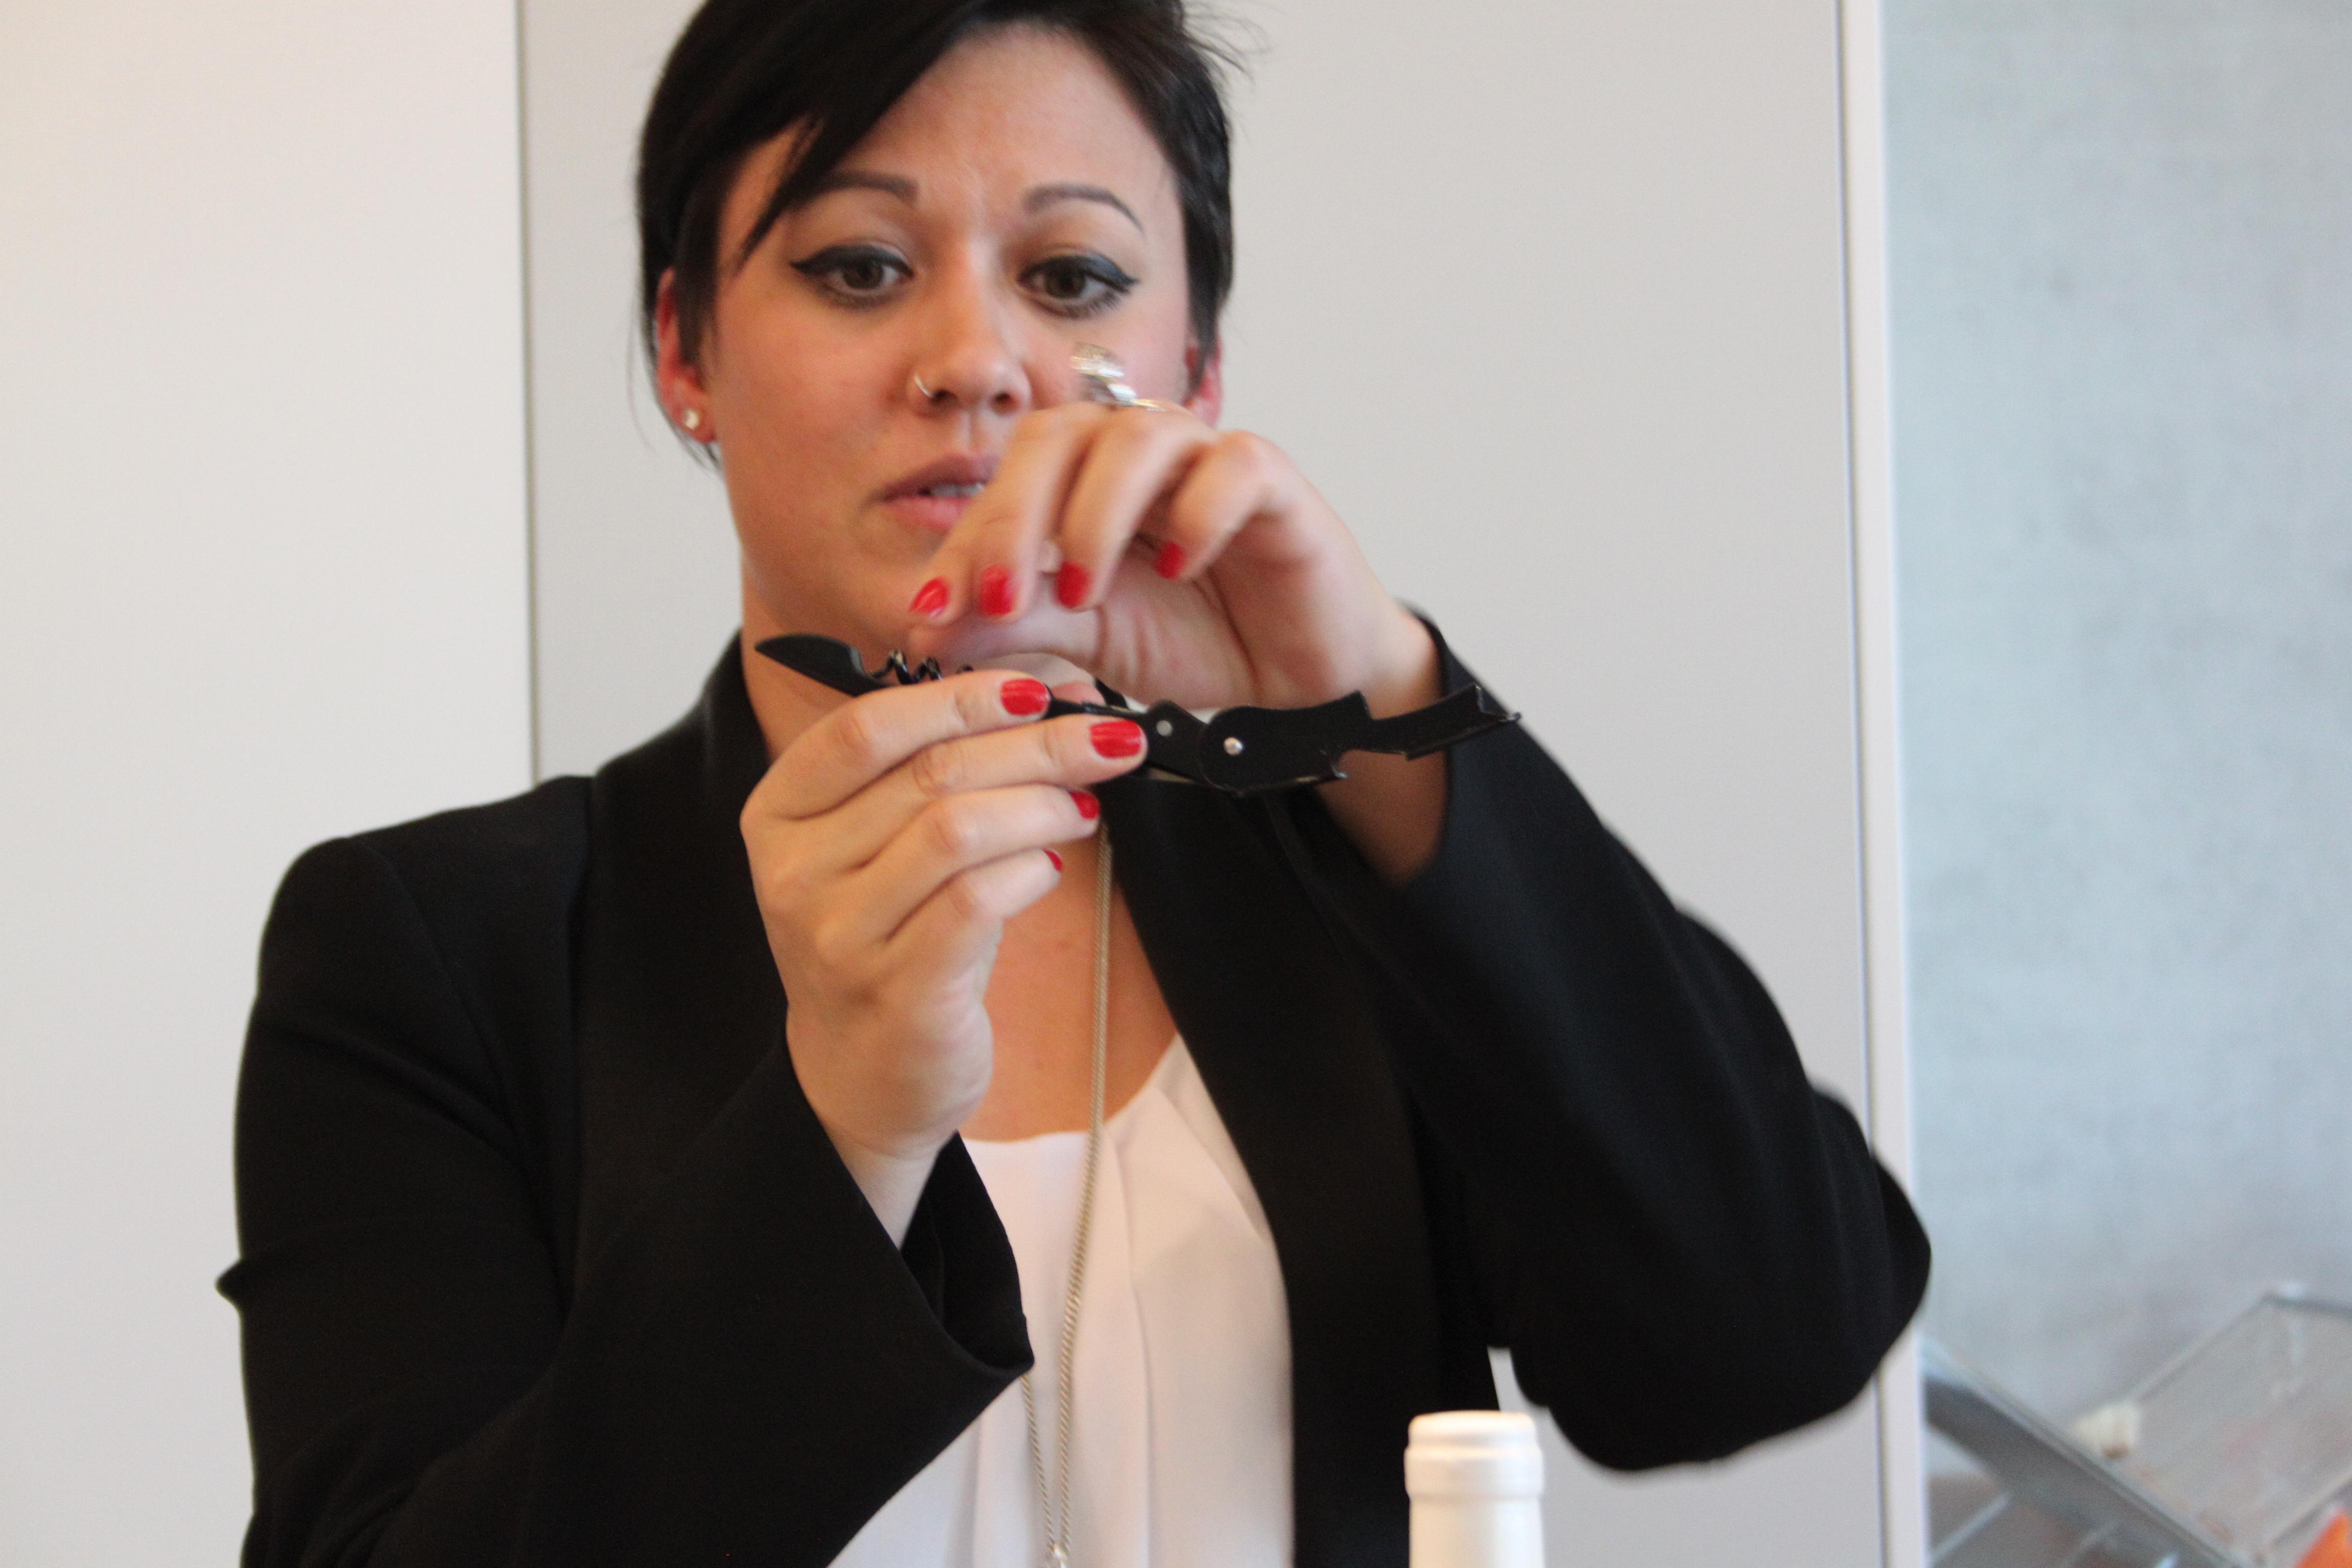 Tipps von der Fachfrau: «Ein Kellnerkorkenzieher reicht vollkommen aus», sagt Faye Koehler.